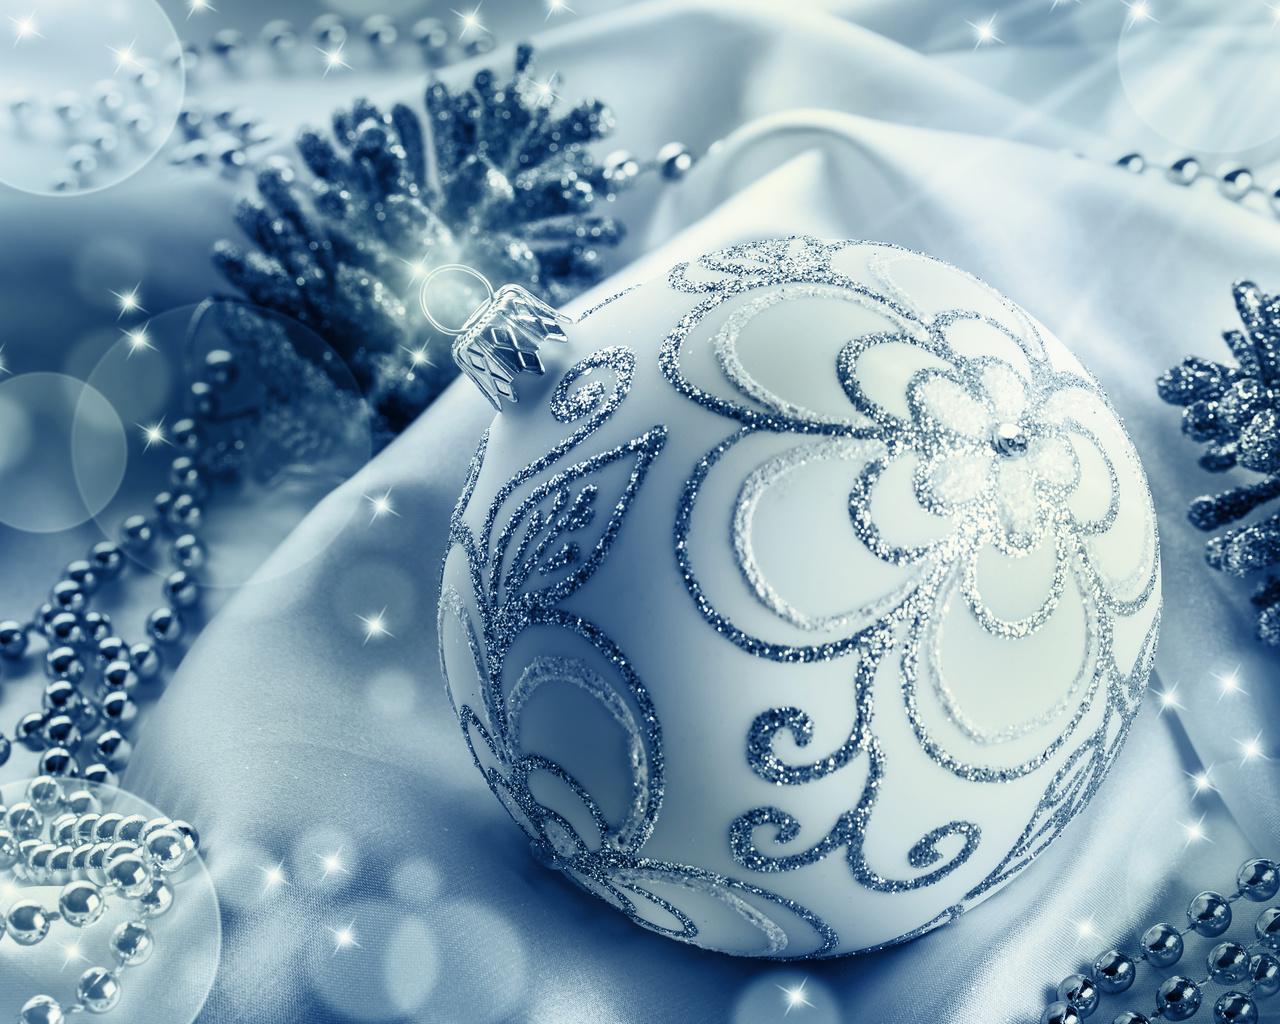 Яшь, картинки новогодние с новым годом красивые